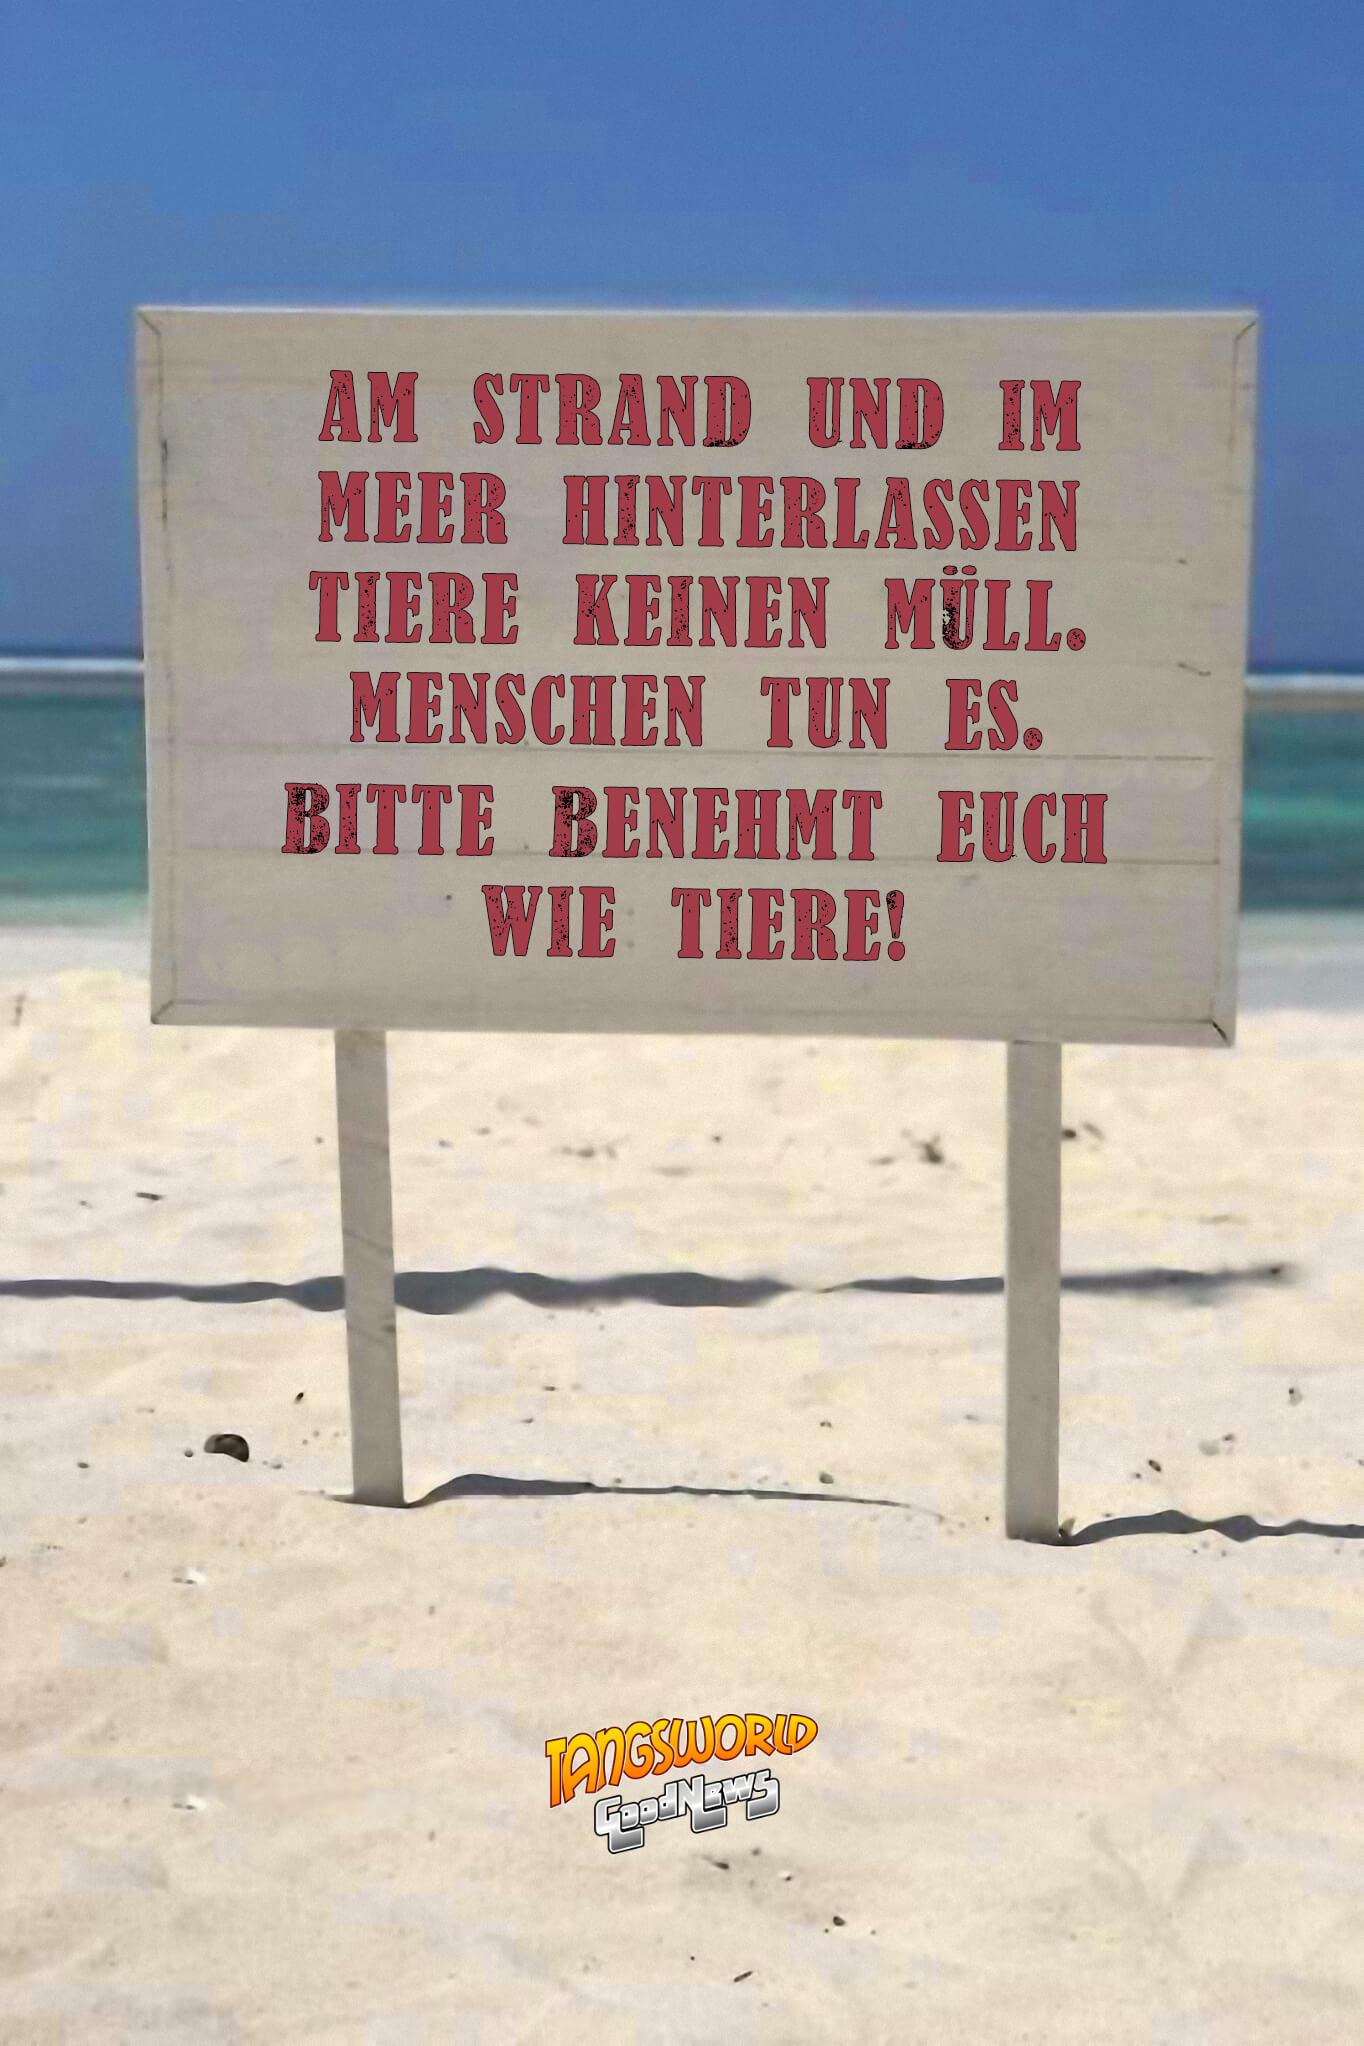 Am Strand und im Meer hinterlassen Tiere keinen Müll. Menschen tun es. Bitte benehmt euch wie Tiere! - GoodNews